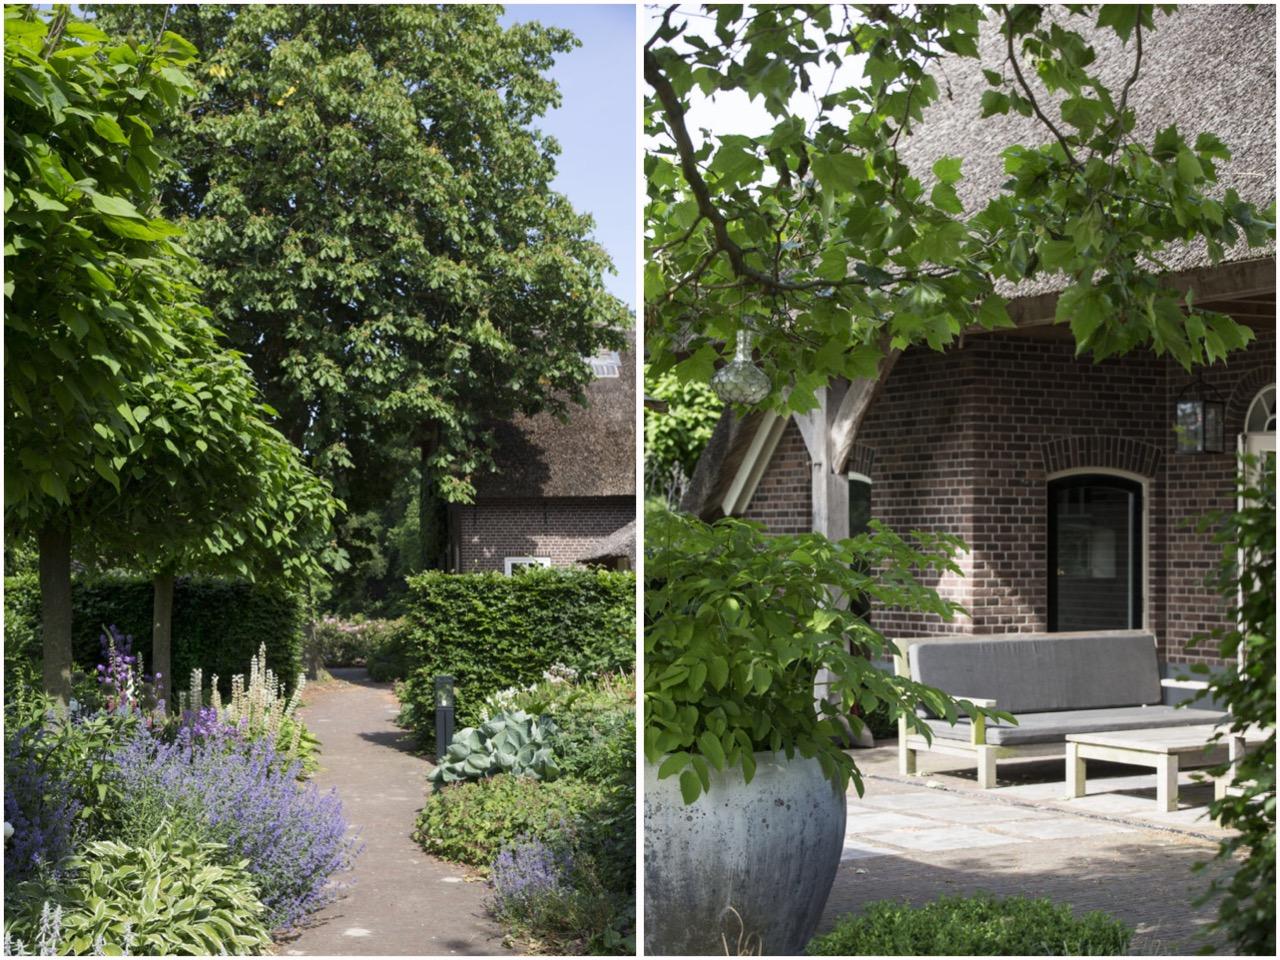 загородный дом ландшафт озеленение дорожки терраса